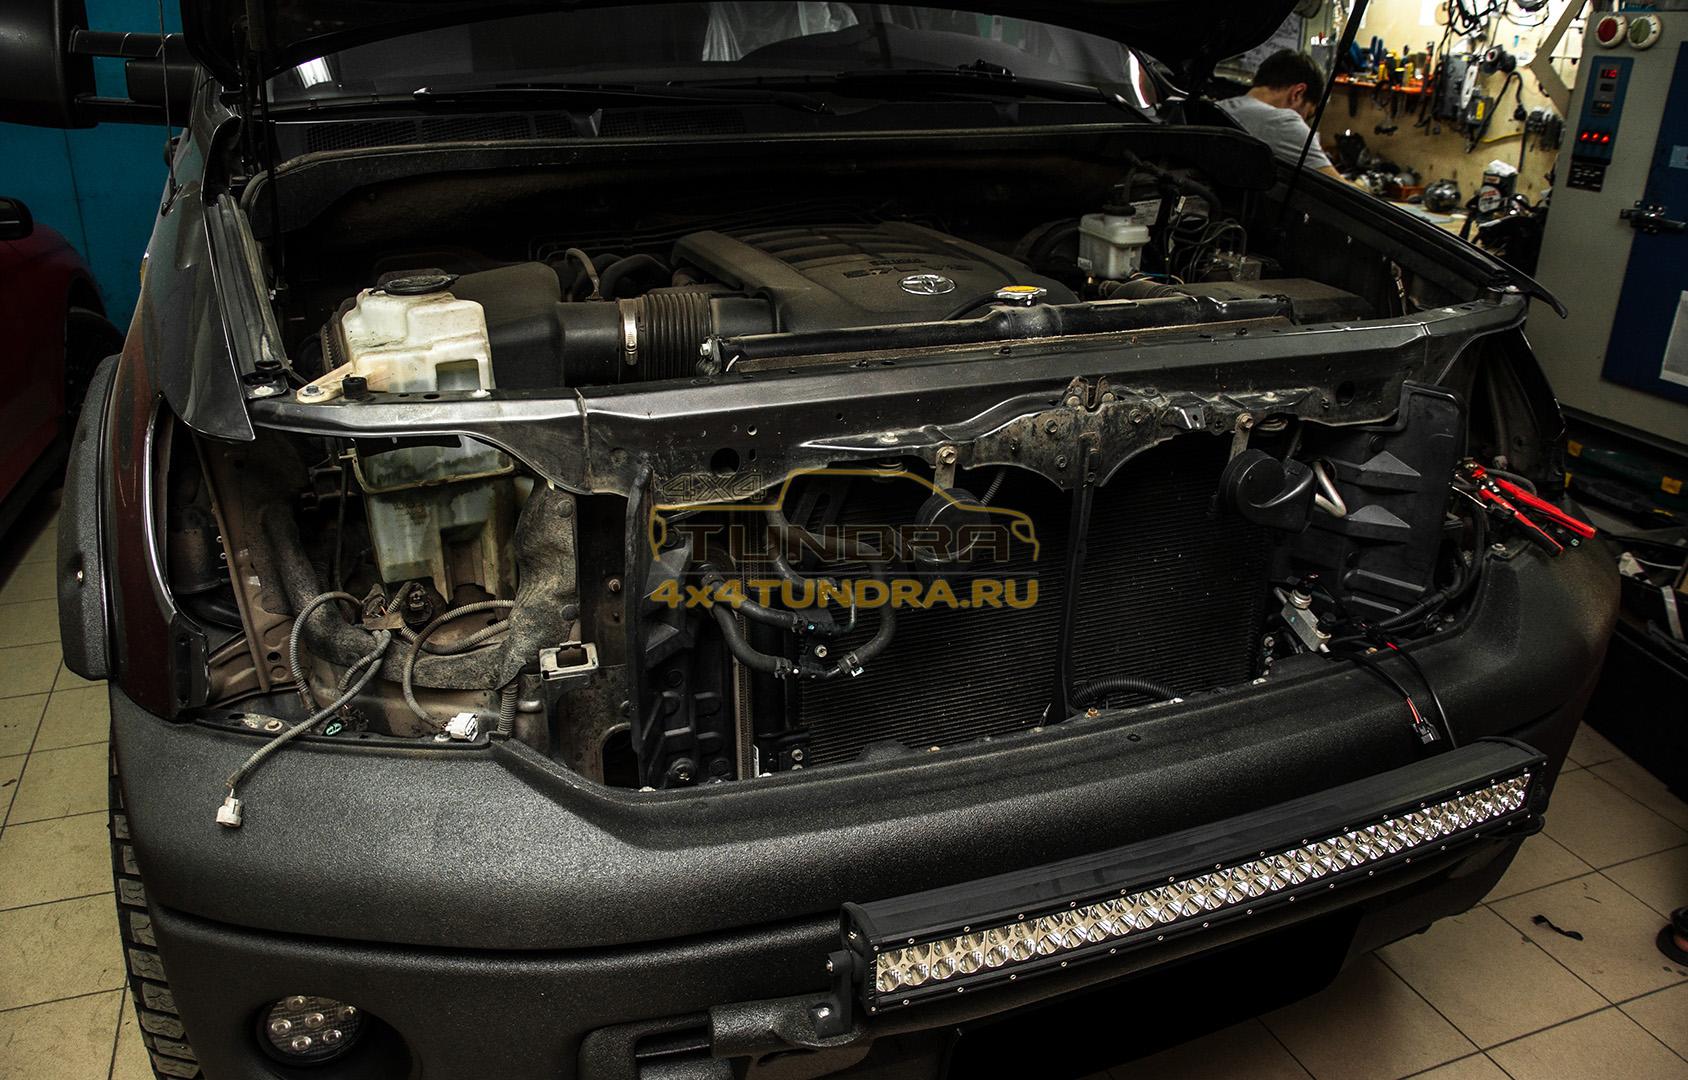 Toyota-Tundra-headlights-hella-xenon-lens-2